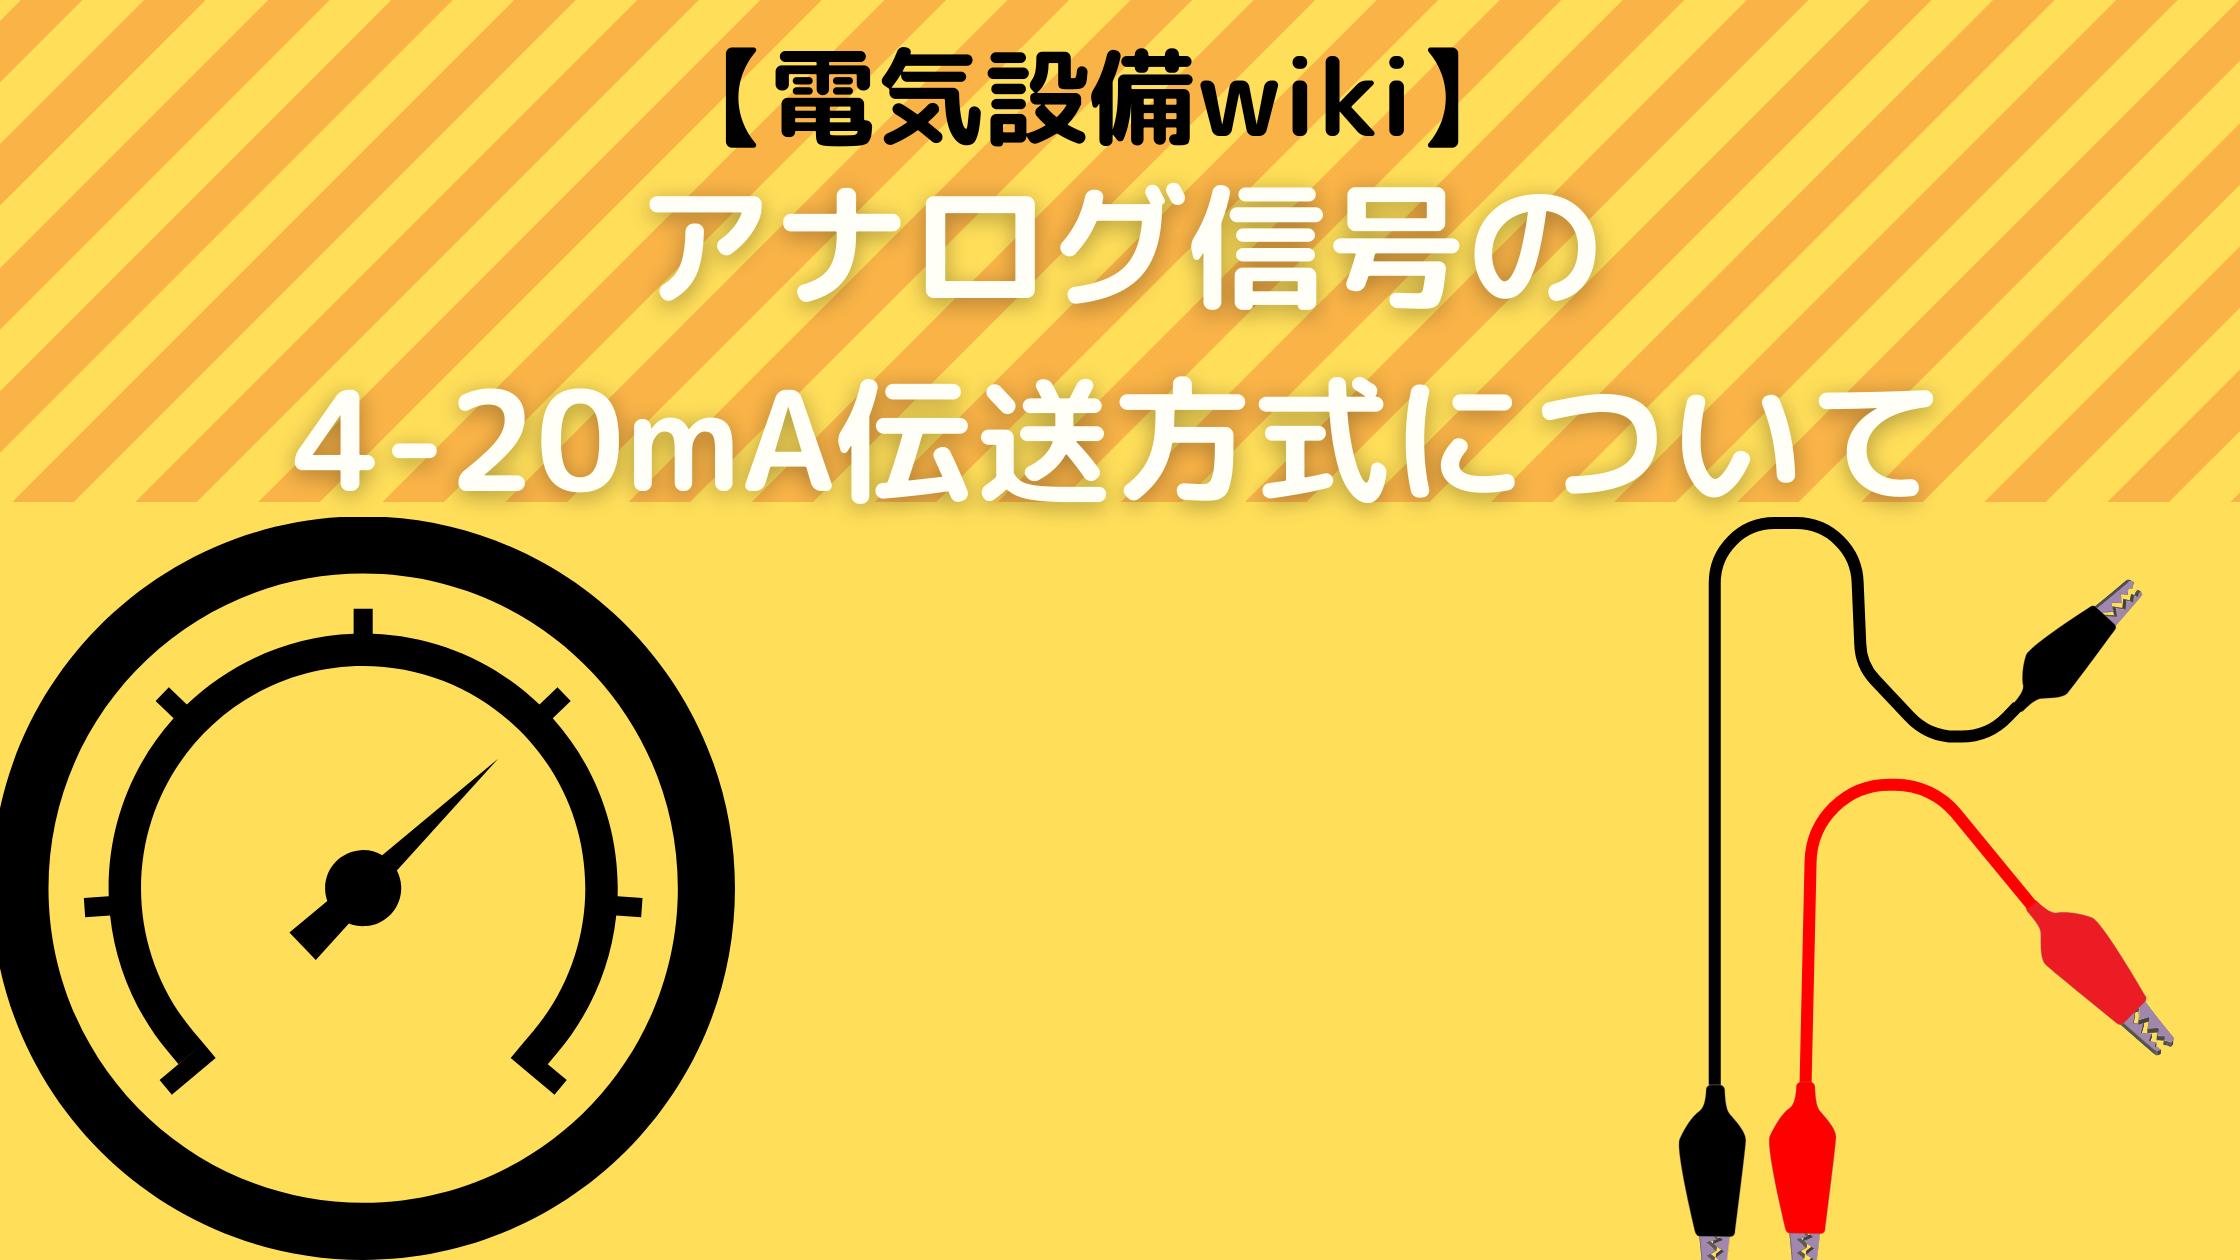 【電気設備wiki】アナログ信号の4-20mA伝送方式について